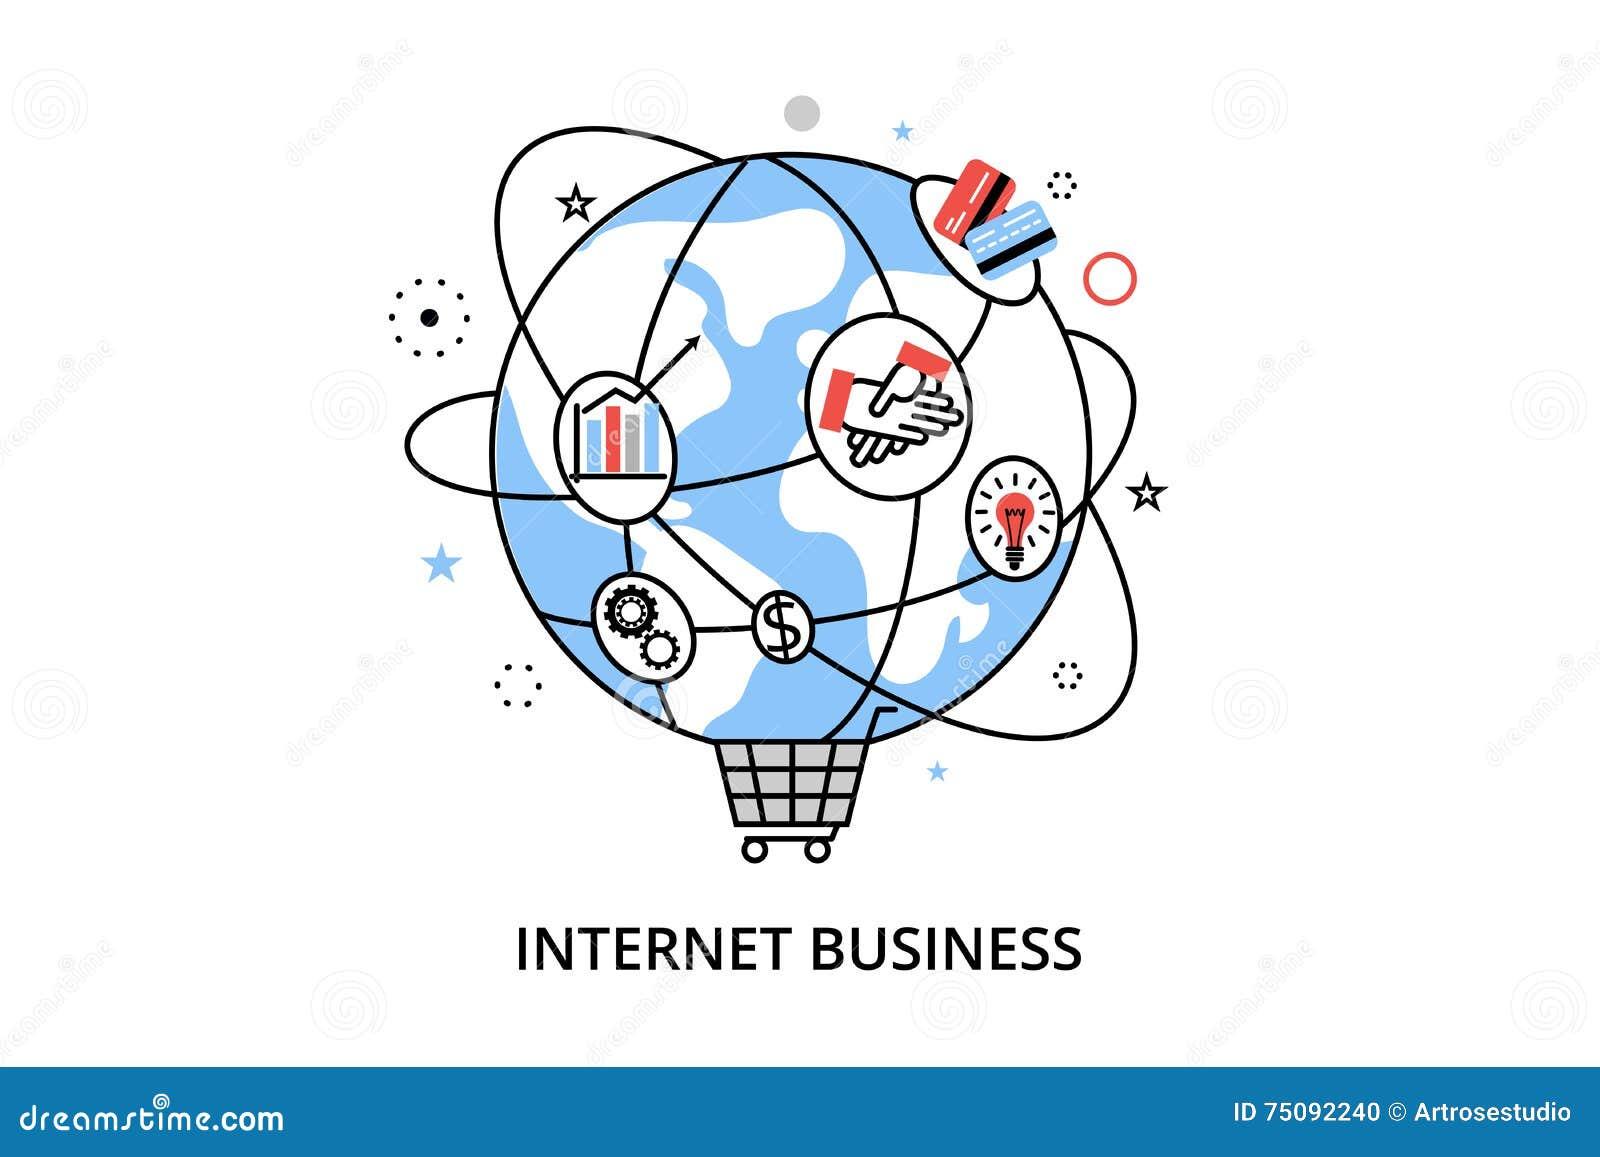 Linha fina lisa moderna ilustração do vetor do projeto, conceito infographic com ícones do negócio em linha, ideia do mercado do